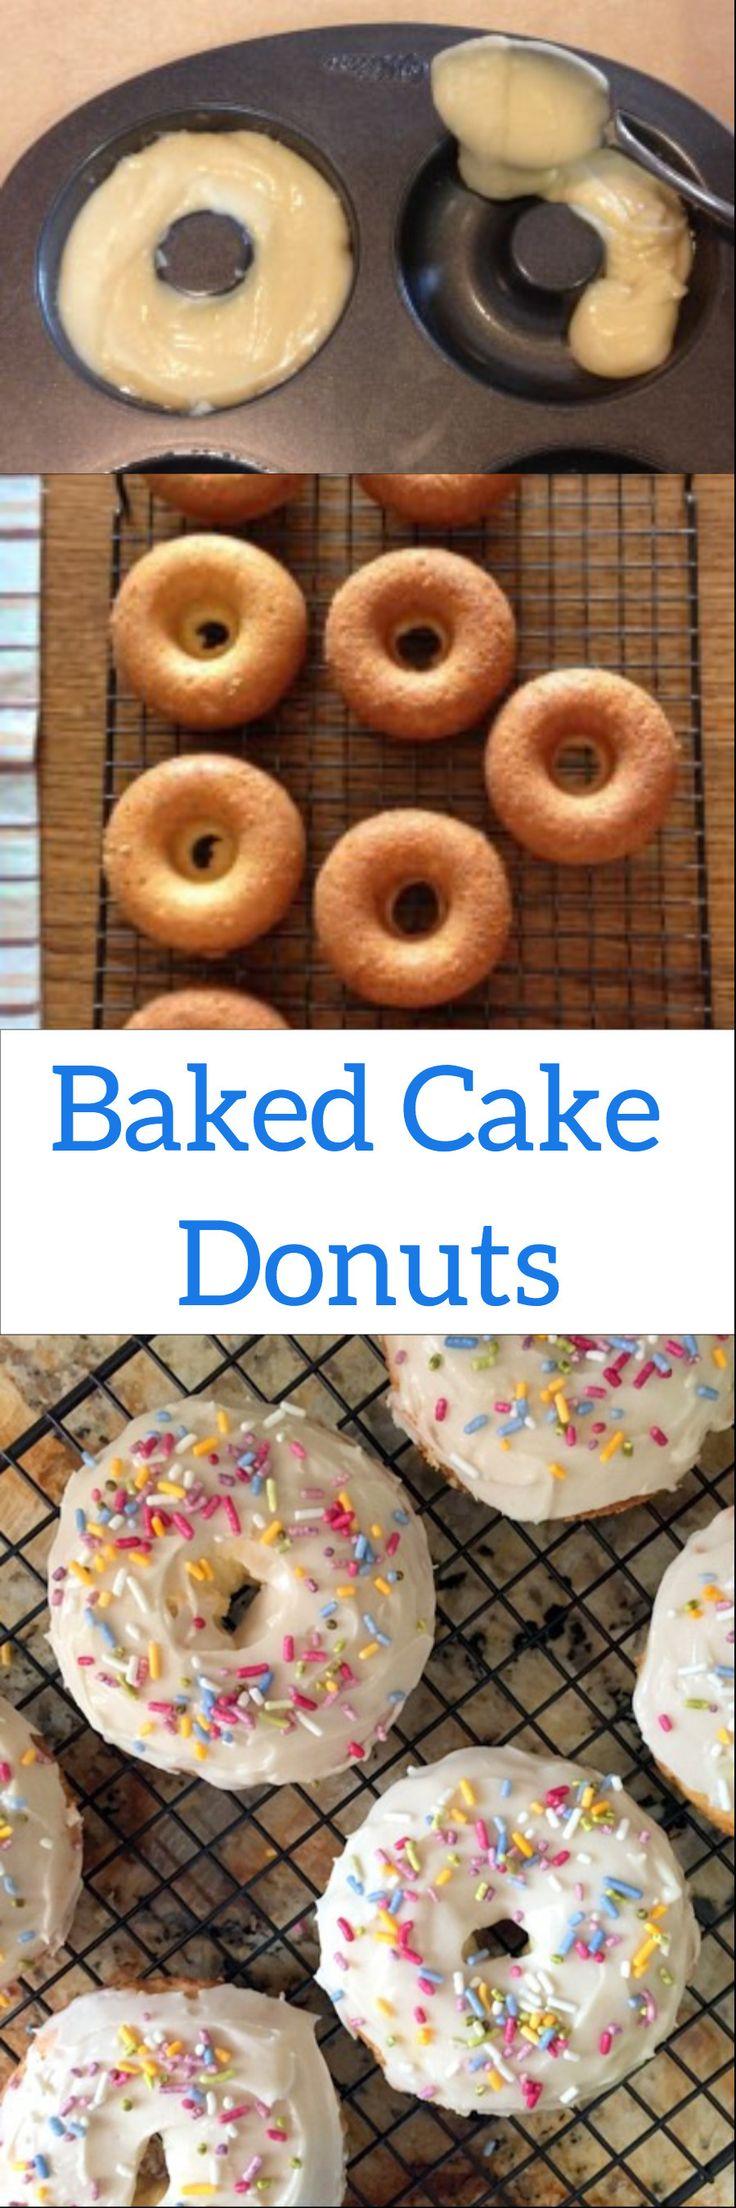 Oven Baked Cake Donuts Frosted Vanilla #breakfast #donut #doughnut #cakedonut